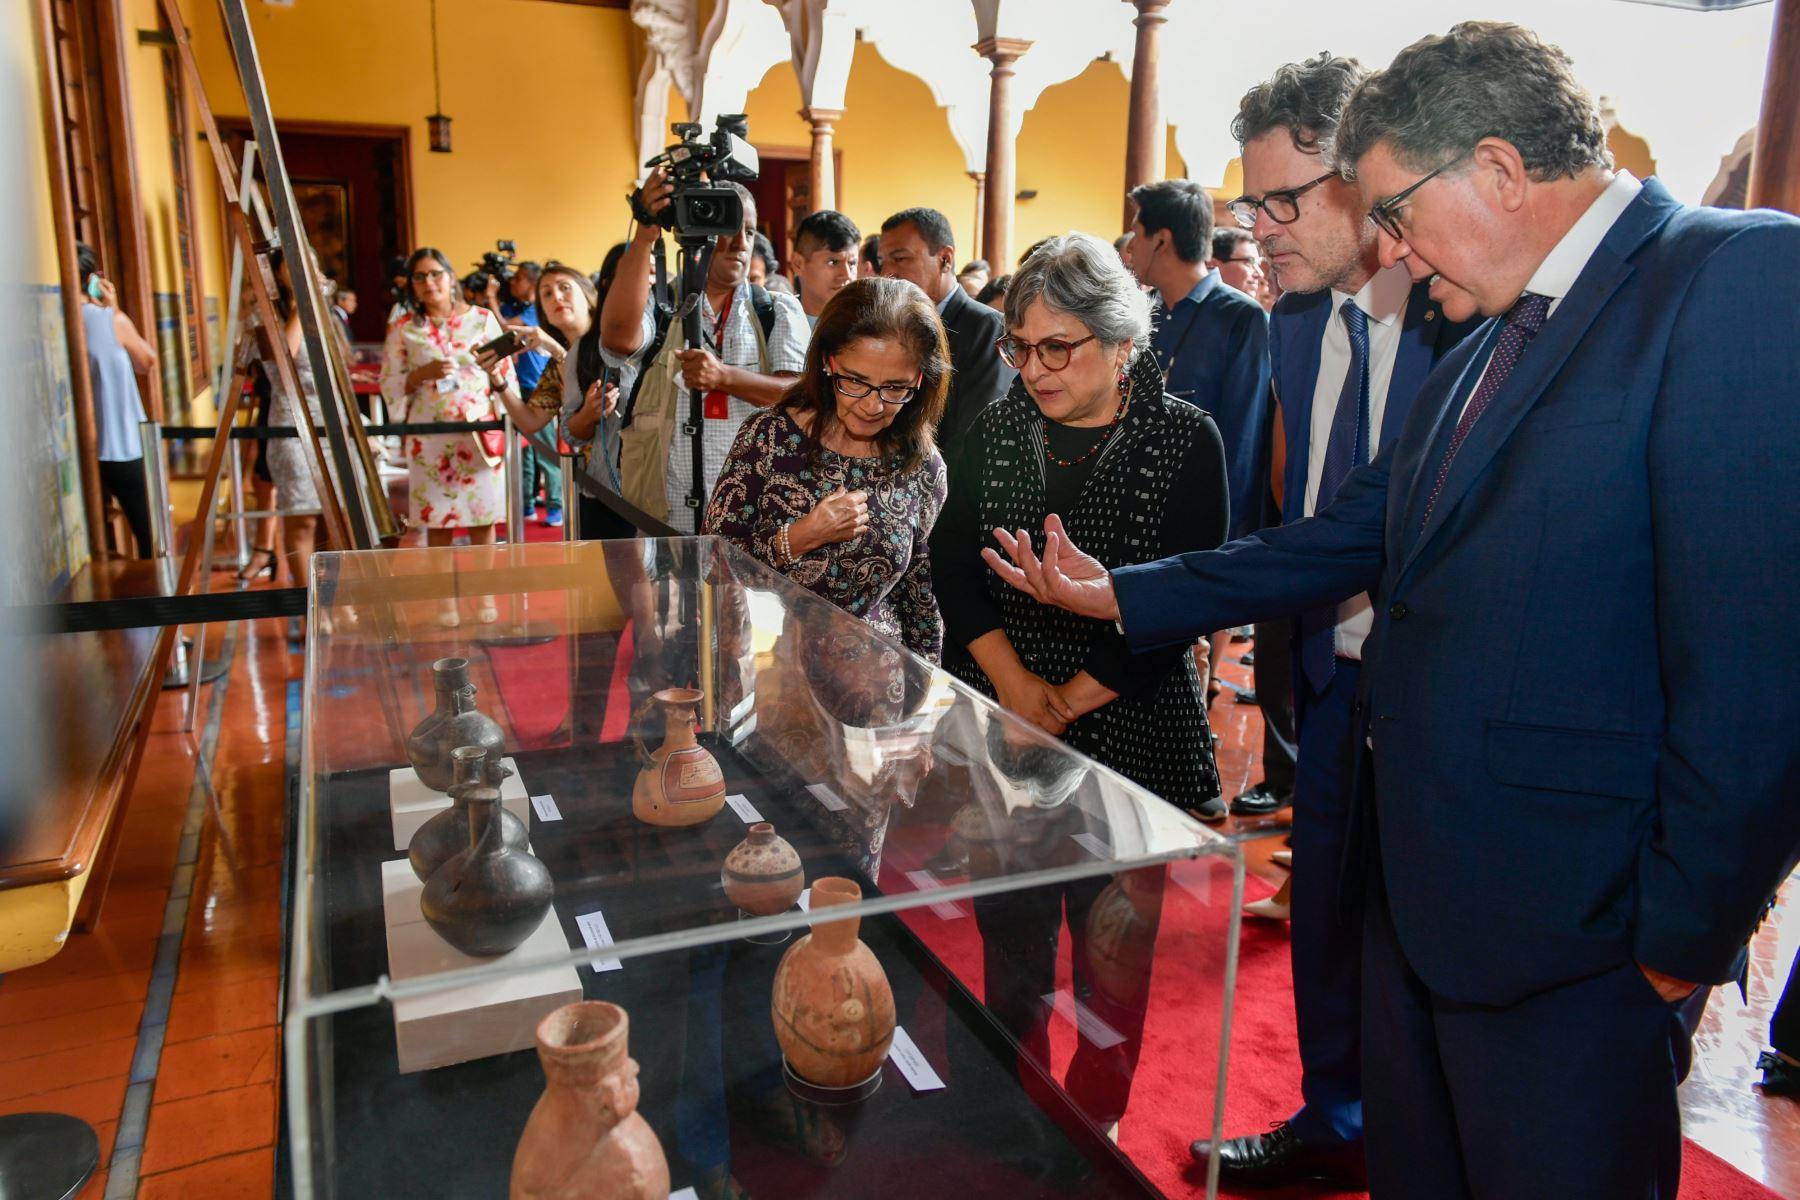 Ministra de Cultura, Sonia Guillén recibe 21 bienes culturales recuperados que constituyen parte del Patrimonio Cultural  a través de la Cancilleria del Perú Los  bienes fueron repatriados de Argentina, Brasil, Ecuador y Canadá. Foto: Cancillería del Perú